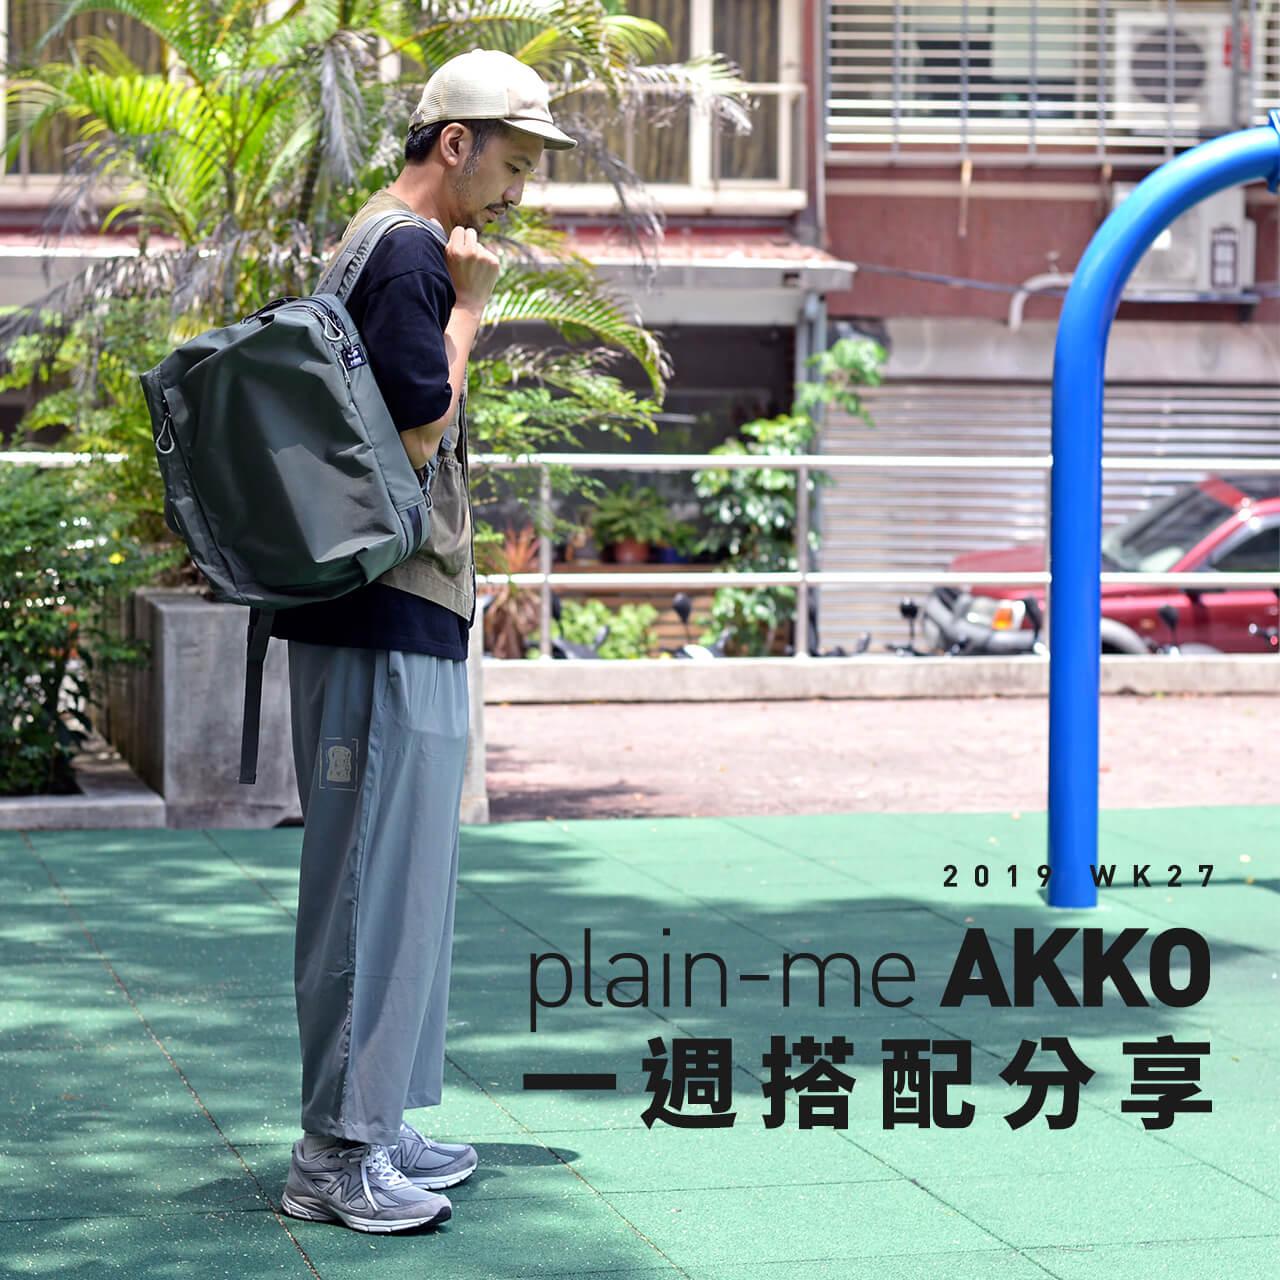 plain-me akko